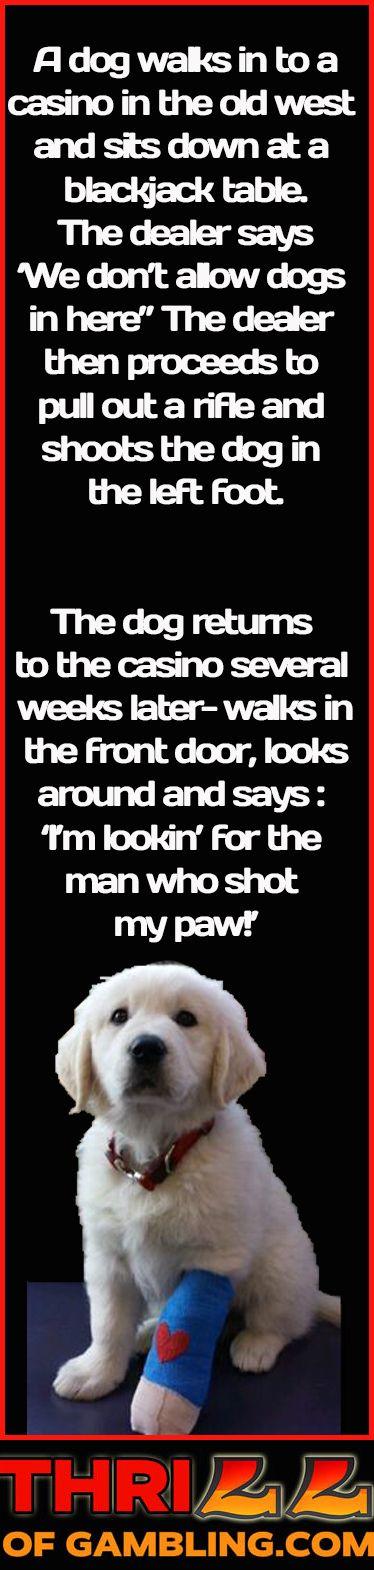 Short funny gambling jokes special event planning casino